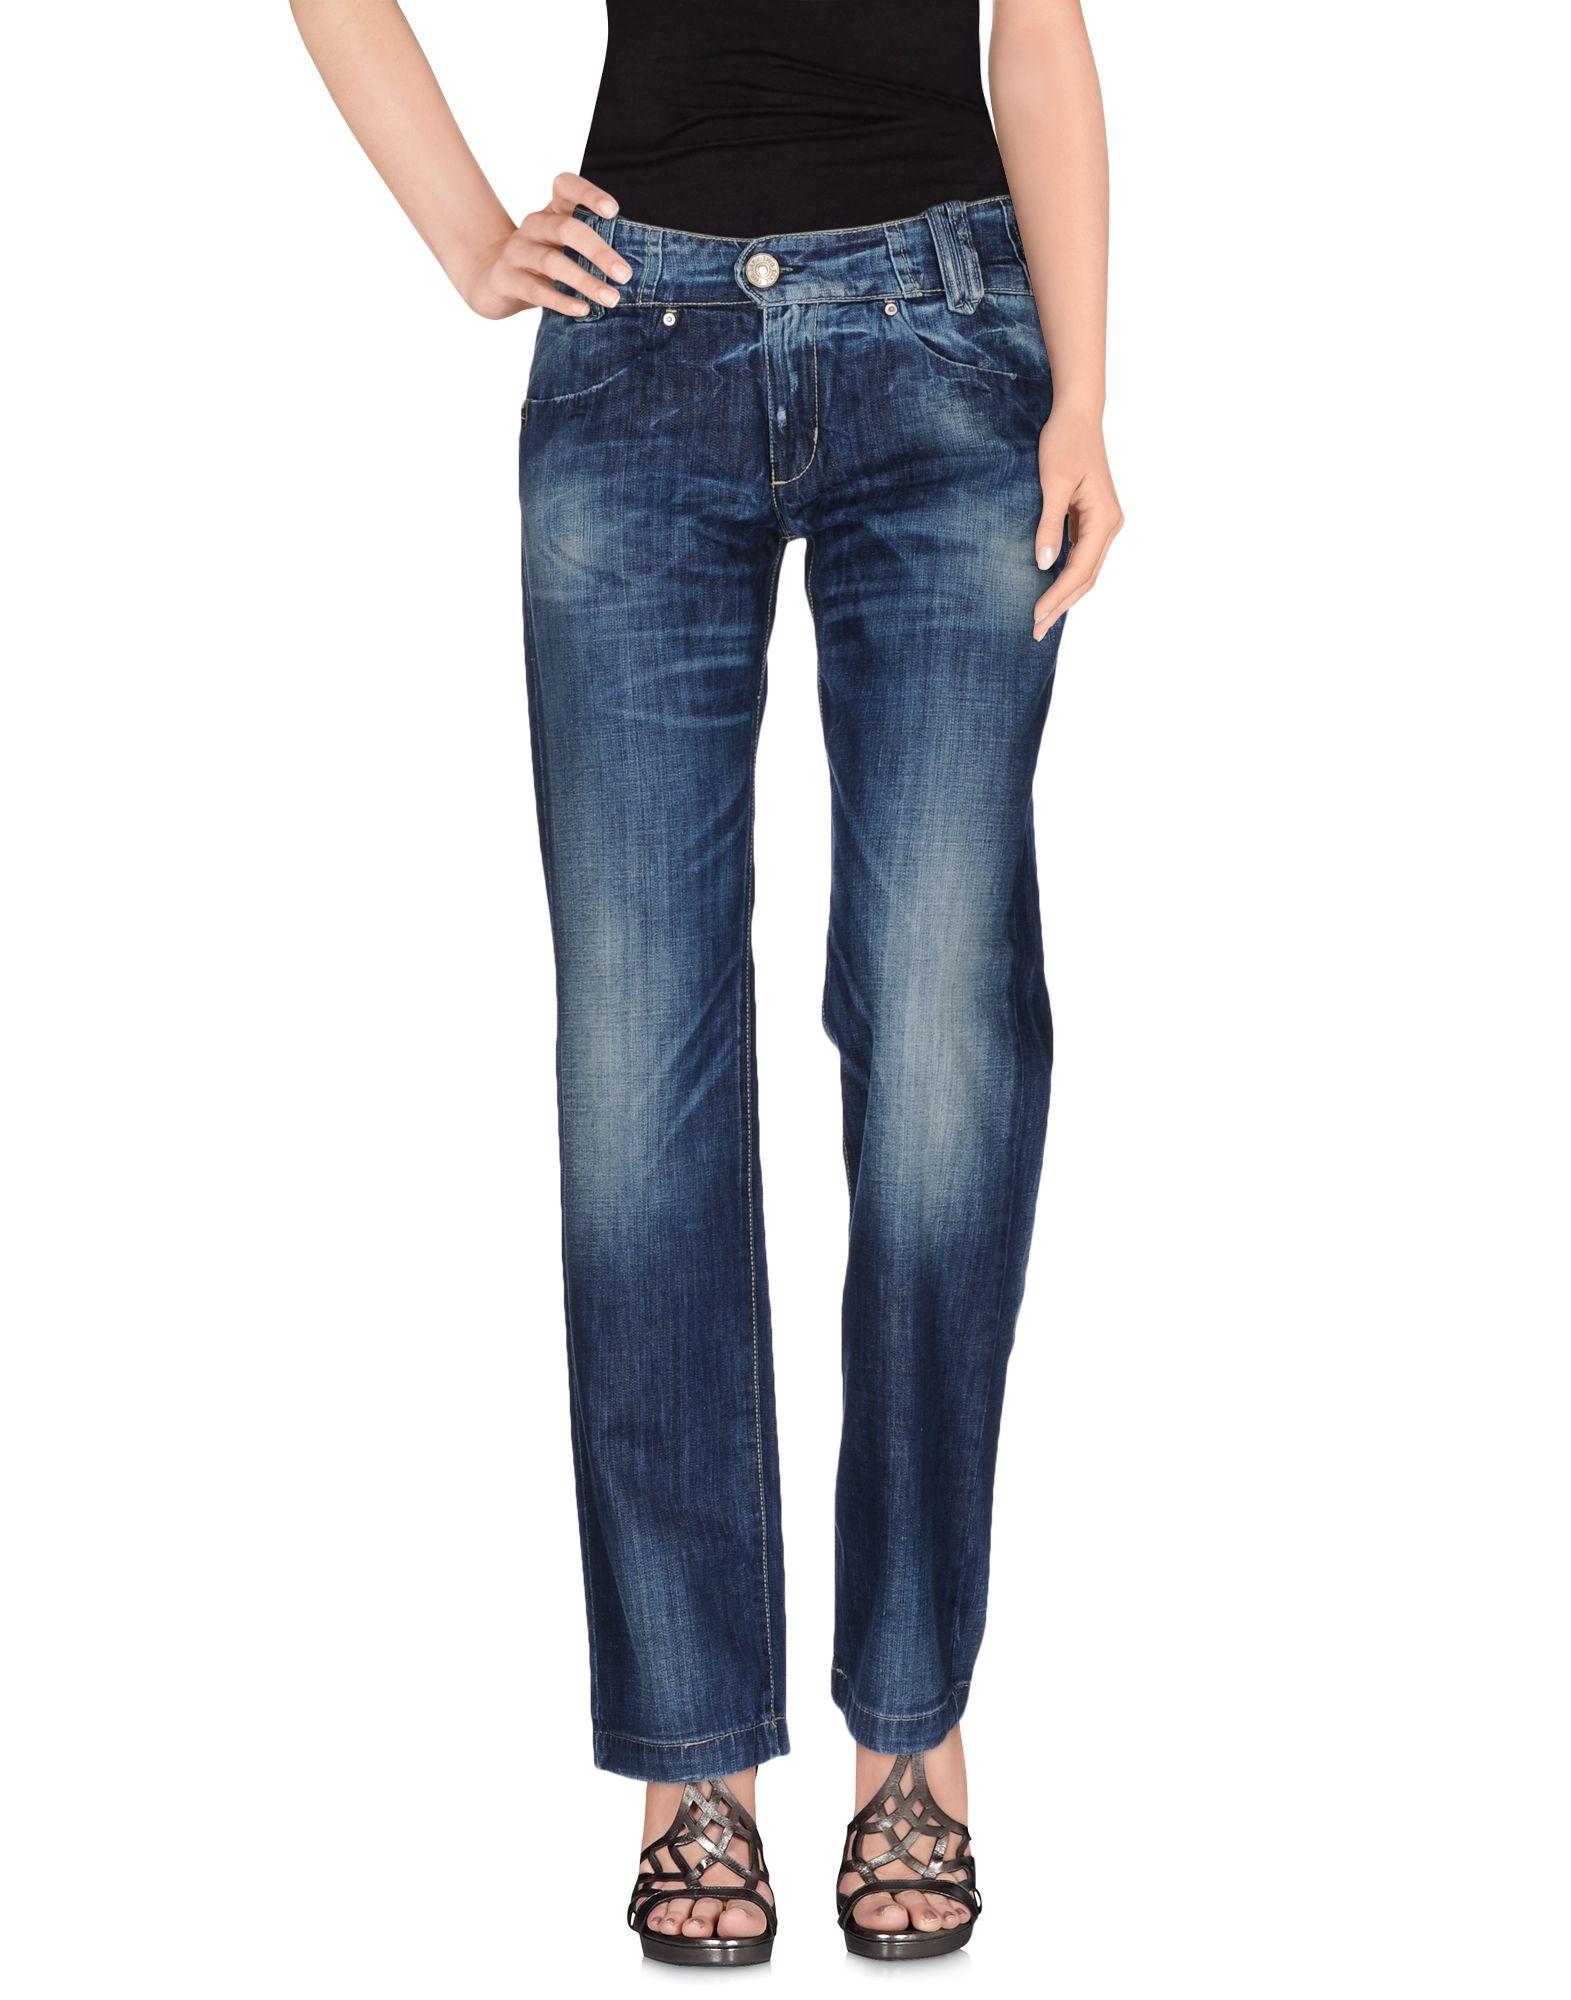 Pantaloni Jeans Take-Two damen - 42546582IX